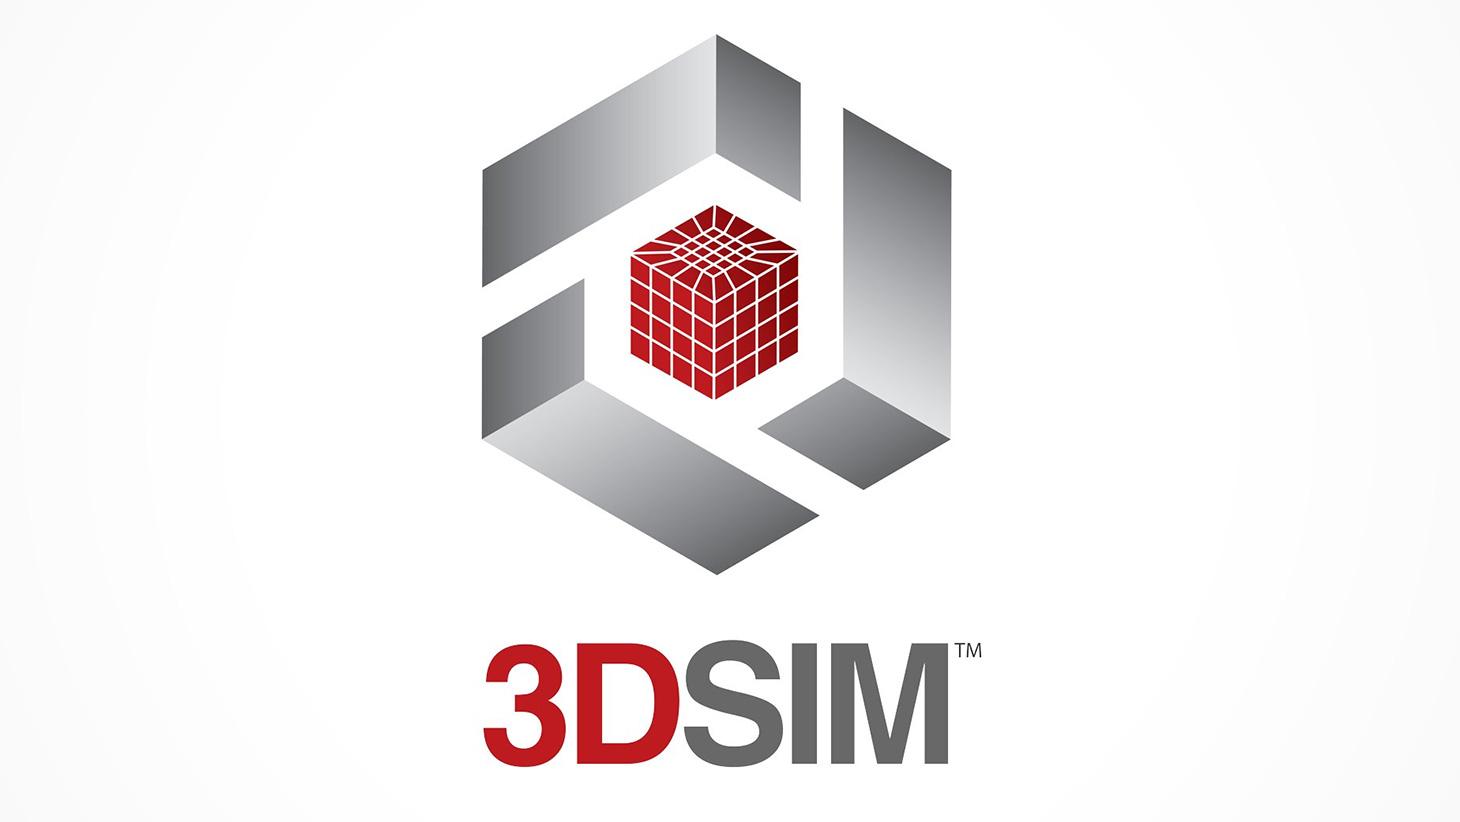 ANSYS adquire o líder de simulação de fabricação de aditivos 3DSIM